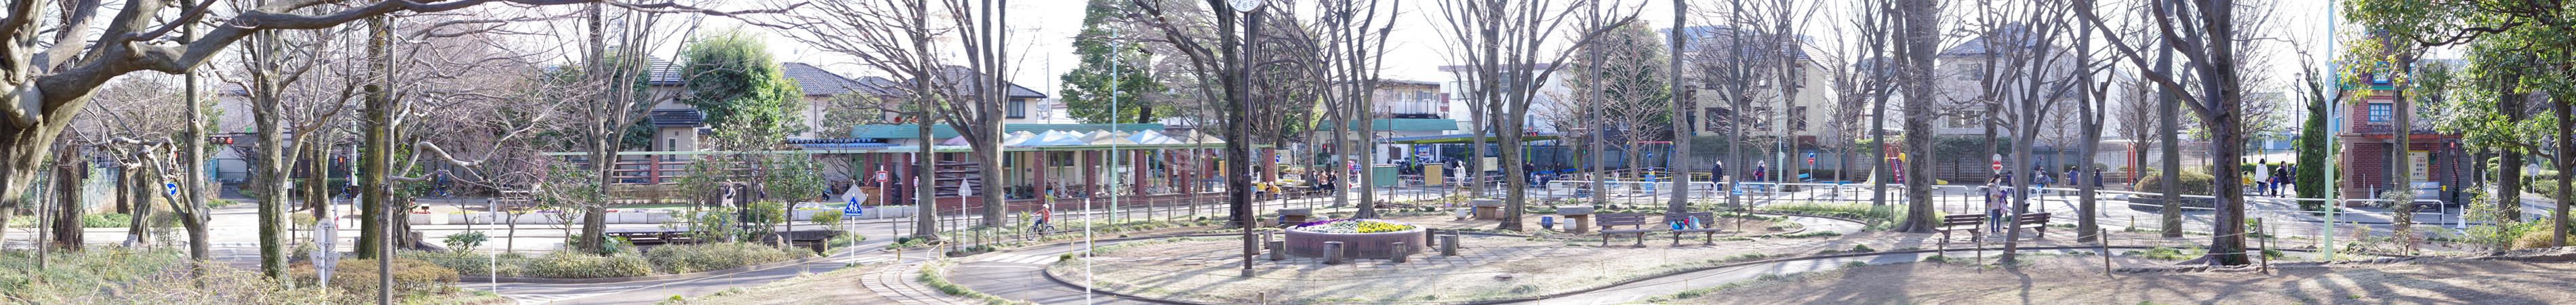 練馬区立 大泉交通公園 (1)